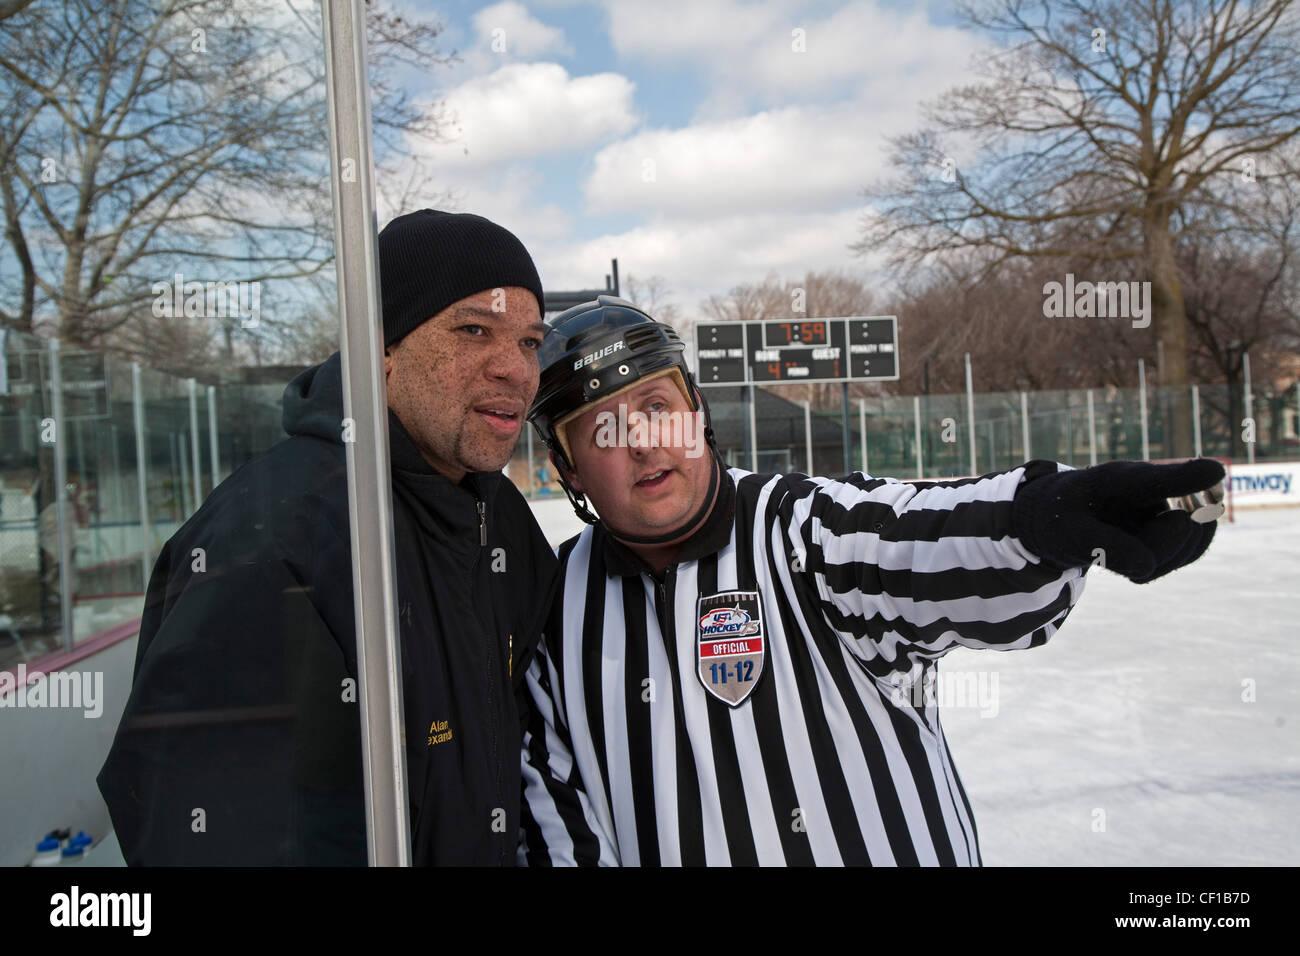 'Hockey dans le capot' Inner-City Tournoi de Hockey sur Glace Photo Stock